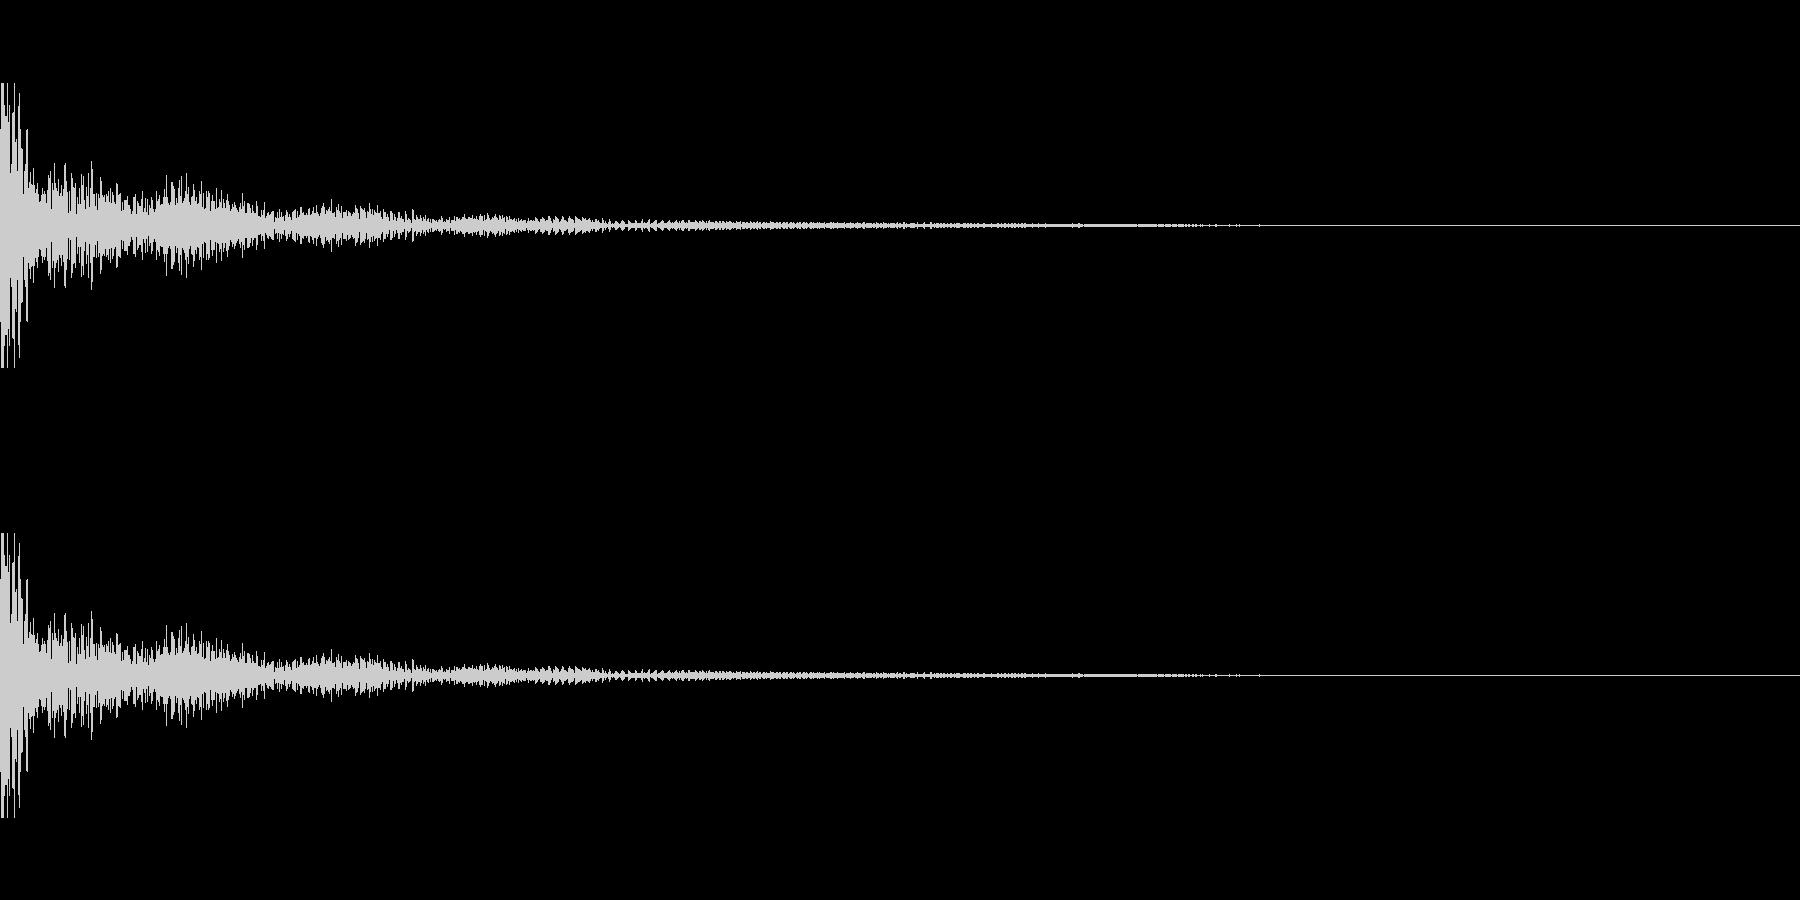 ドーン!↑↓ティンパニーピッチ操作の未再生の波形